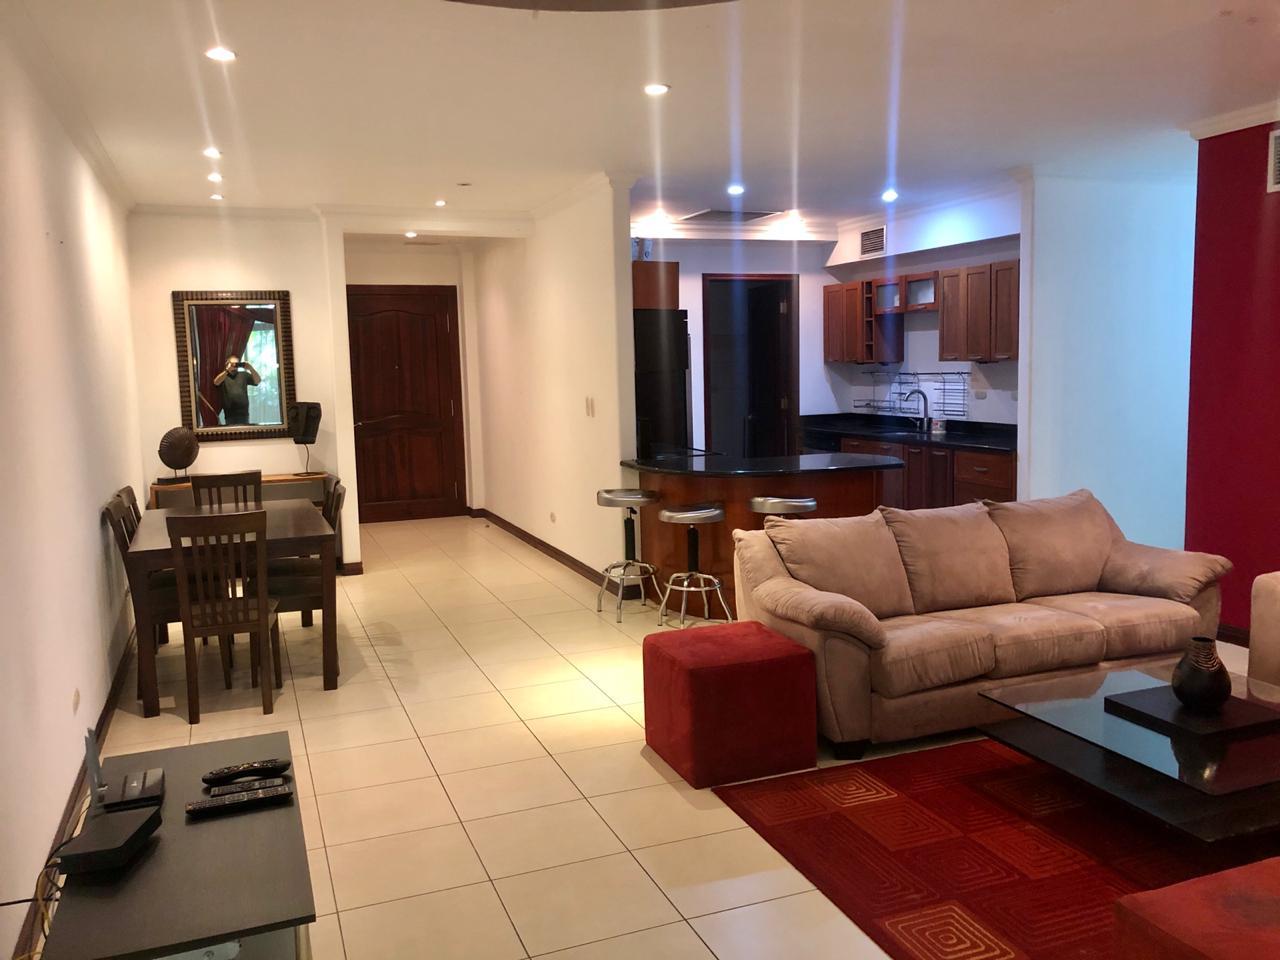 3010 Se Alquila apartamento amueblado en Escazu